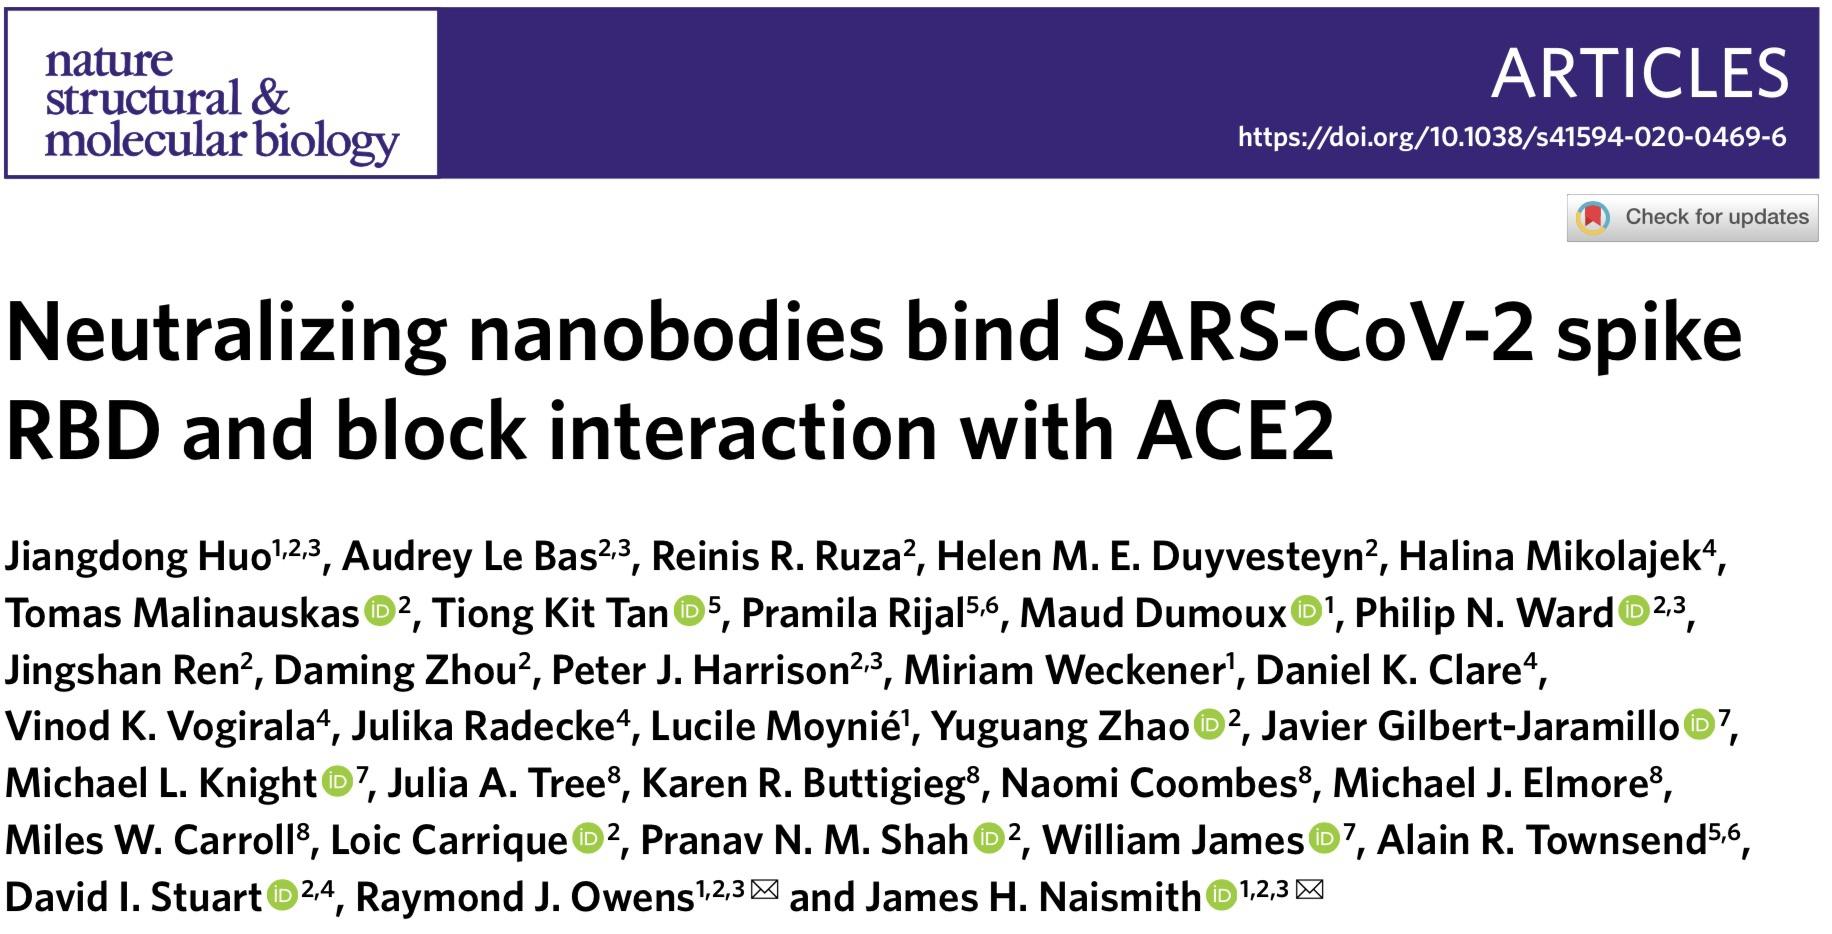 牛津大学:源自大羊驼的两种纳米抗体可中和新冠病毒